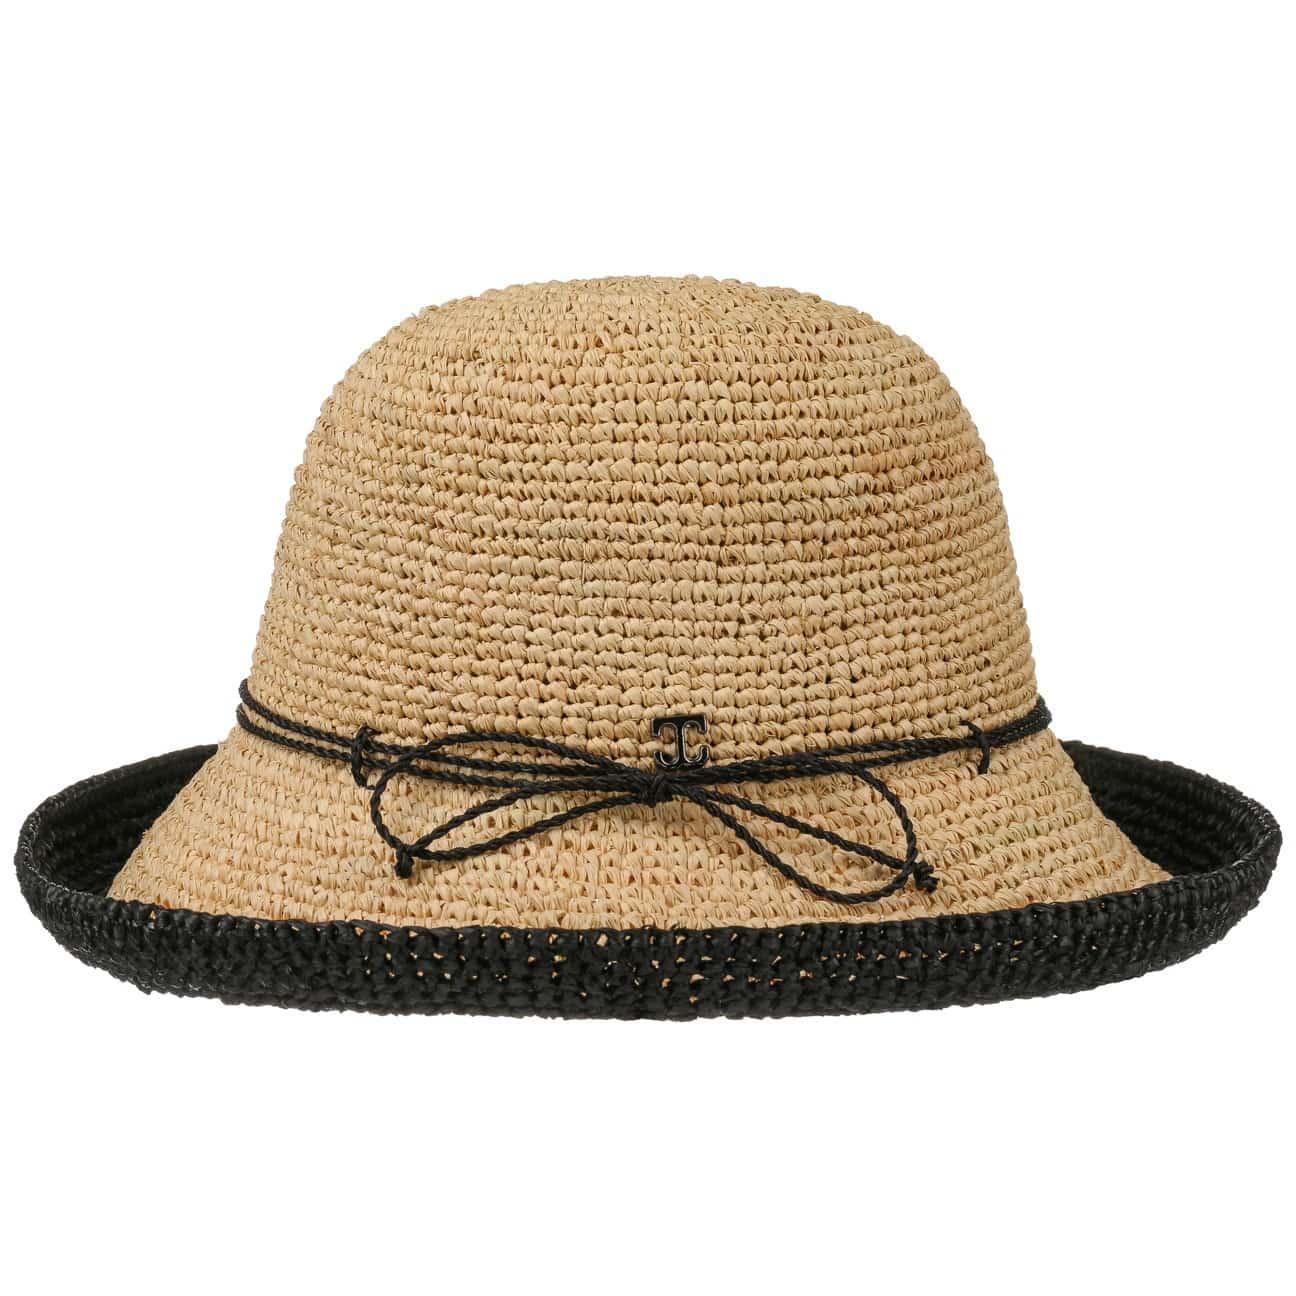 Sombrero de Paja Rafia Jaluma Bicolour - Sombreros - sombreroshop.es 248d4104876